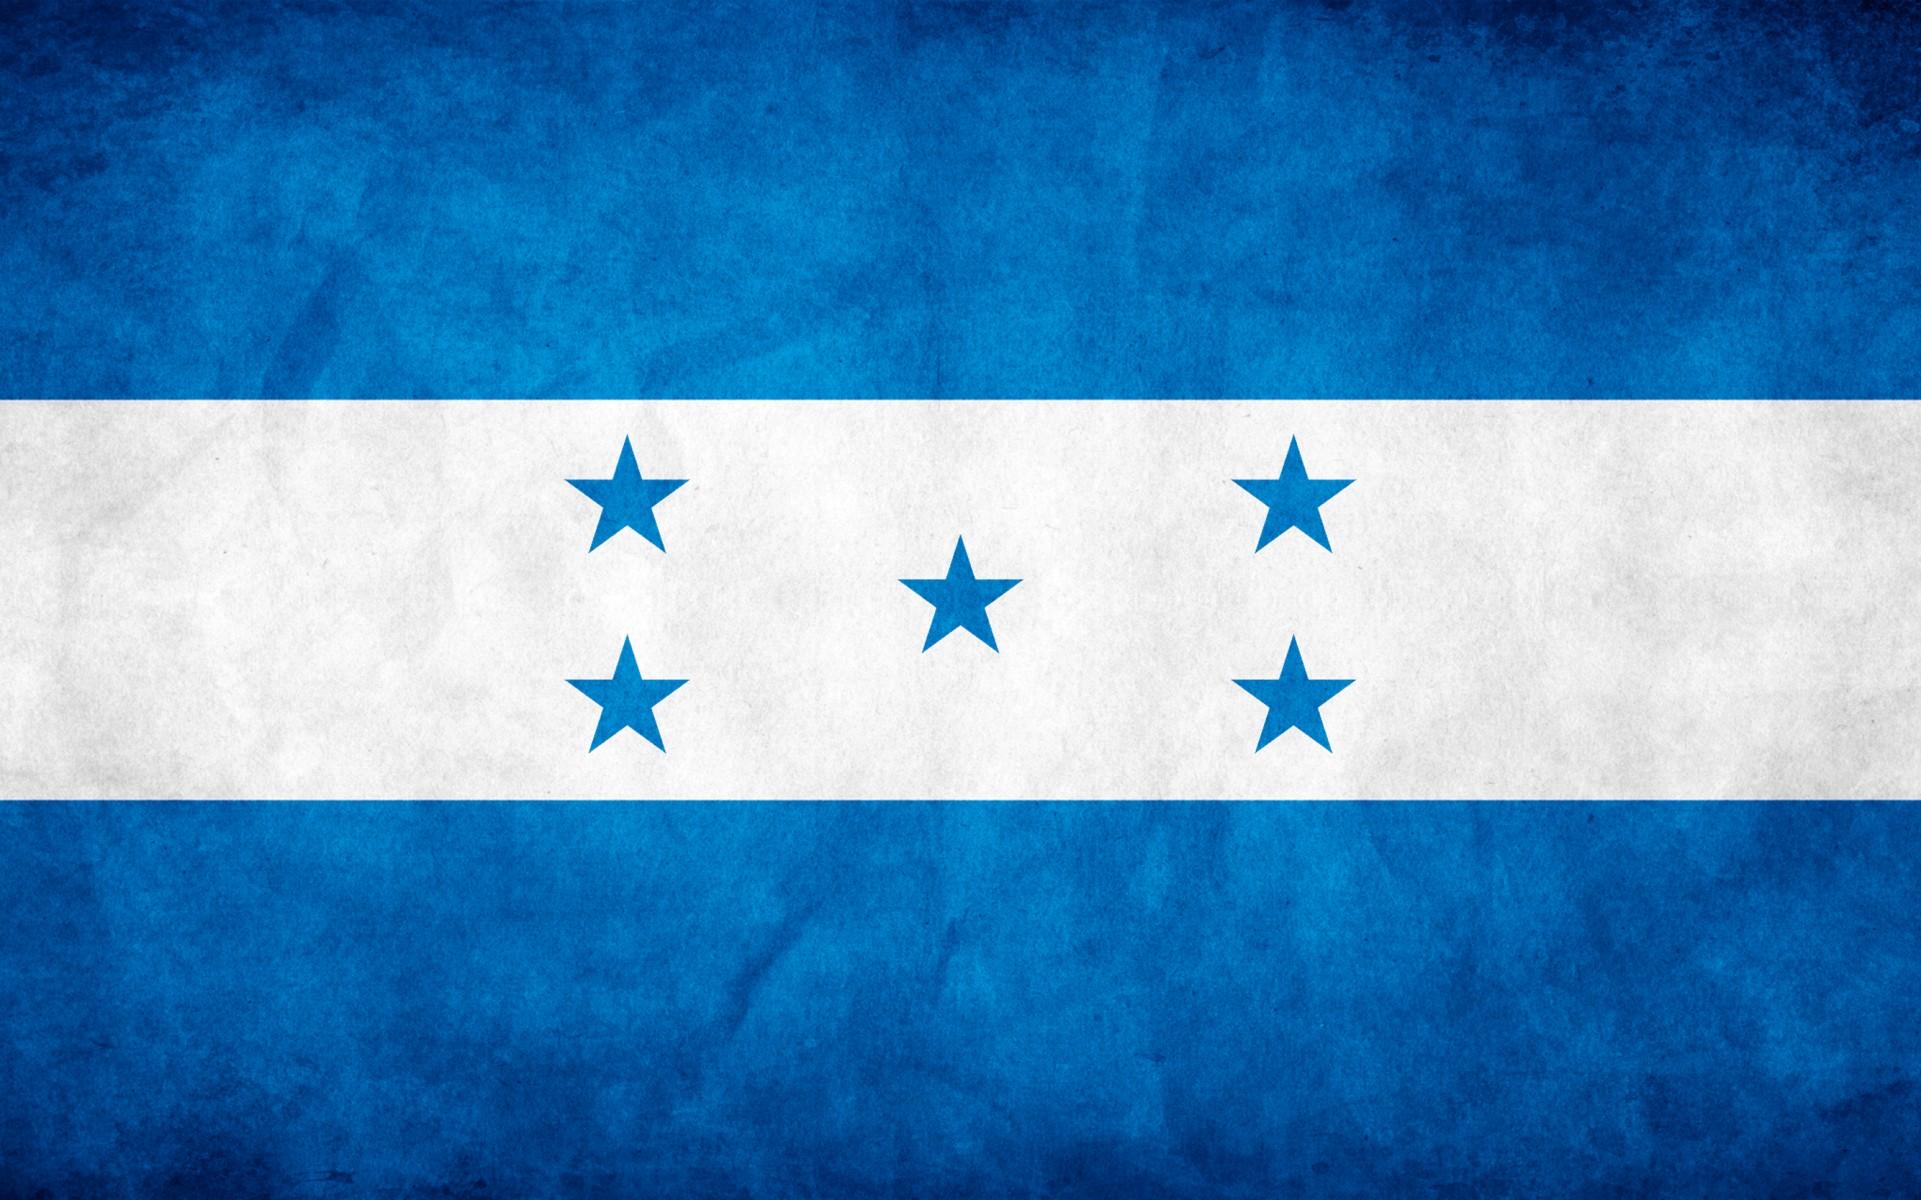 imagenes de banderas hd6 200 Imágenes de Banderas en HD (Wallpapers)